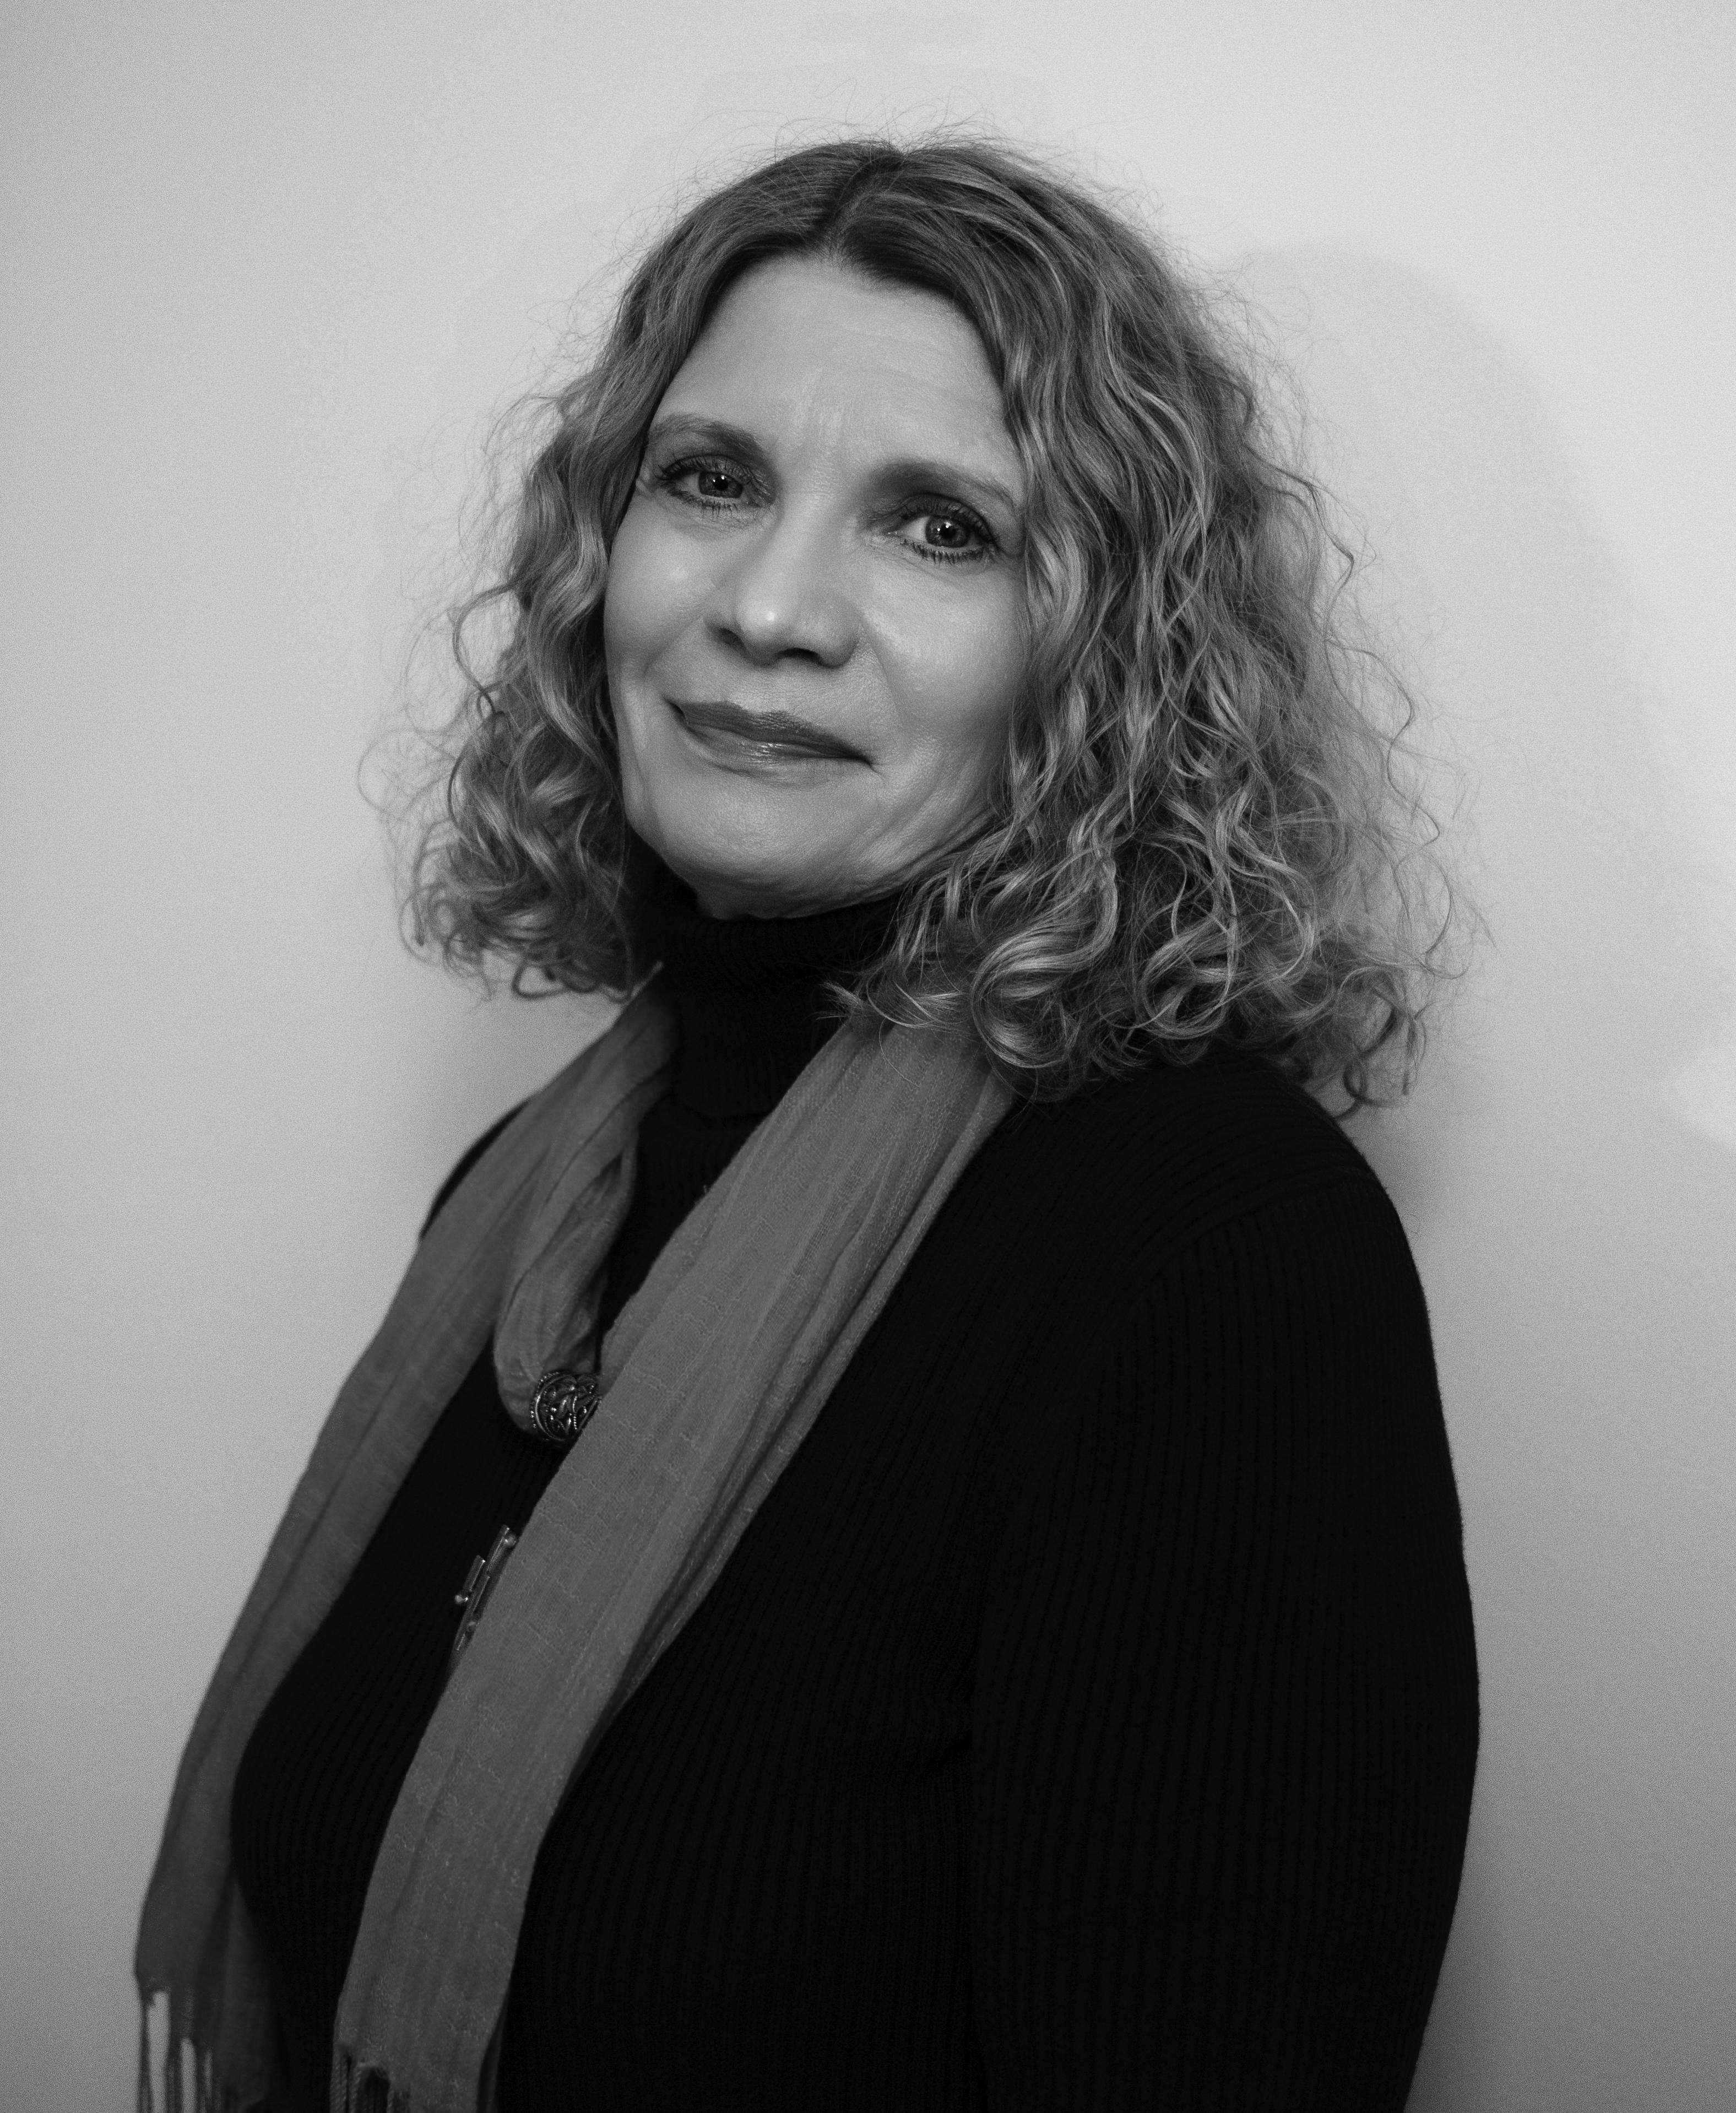 Linda Nemec Foster by Dianne Carroll Burdick-BW